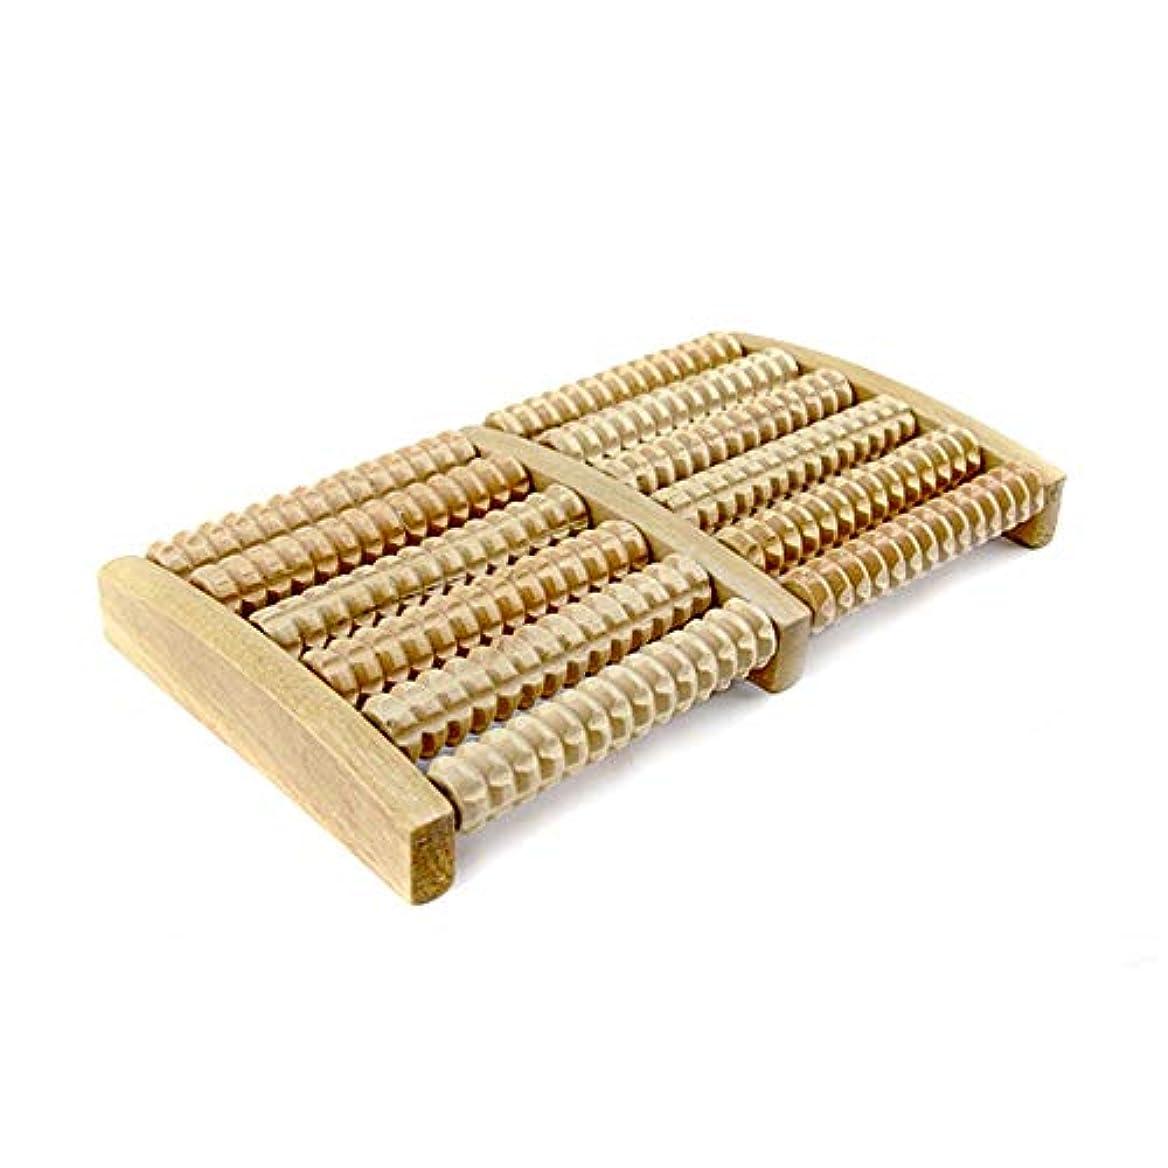 コロニアルくちばしほうき木製足マッサージ機 フットマッサージローラーの木製フットマッサージャーマニュアルフットマッサージャー六行 足裏マッサージローラー (Color : As picture, Size : 27x12.5x3.5)